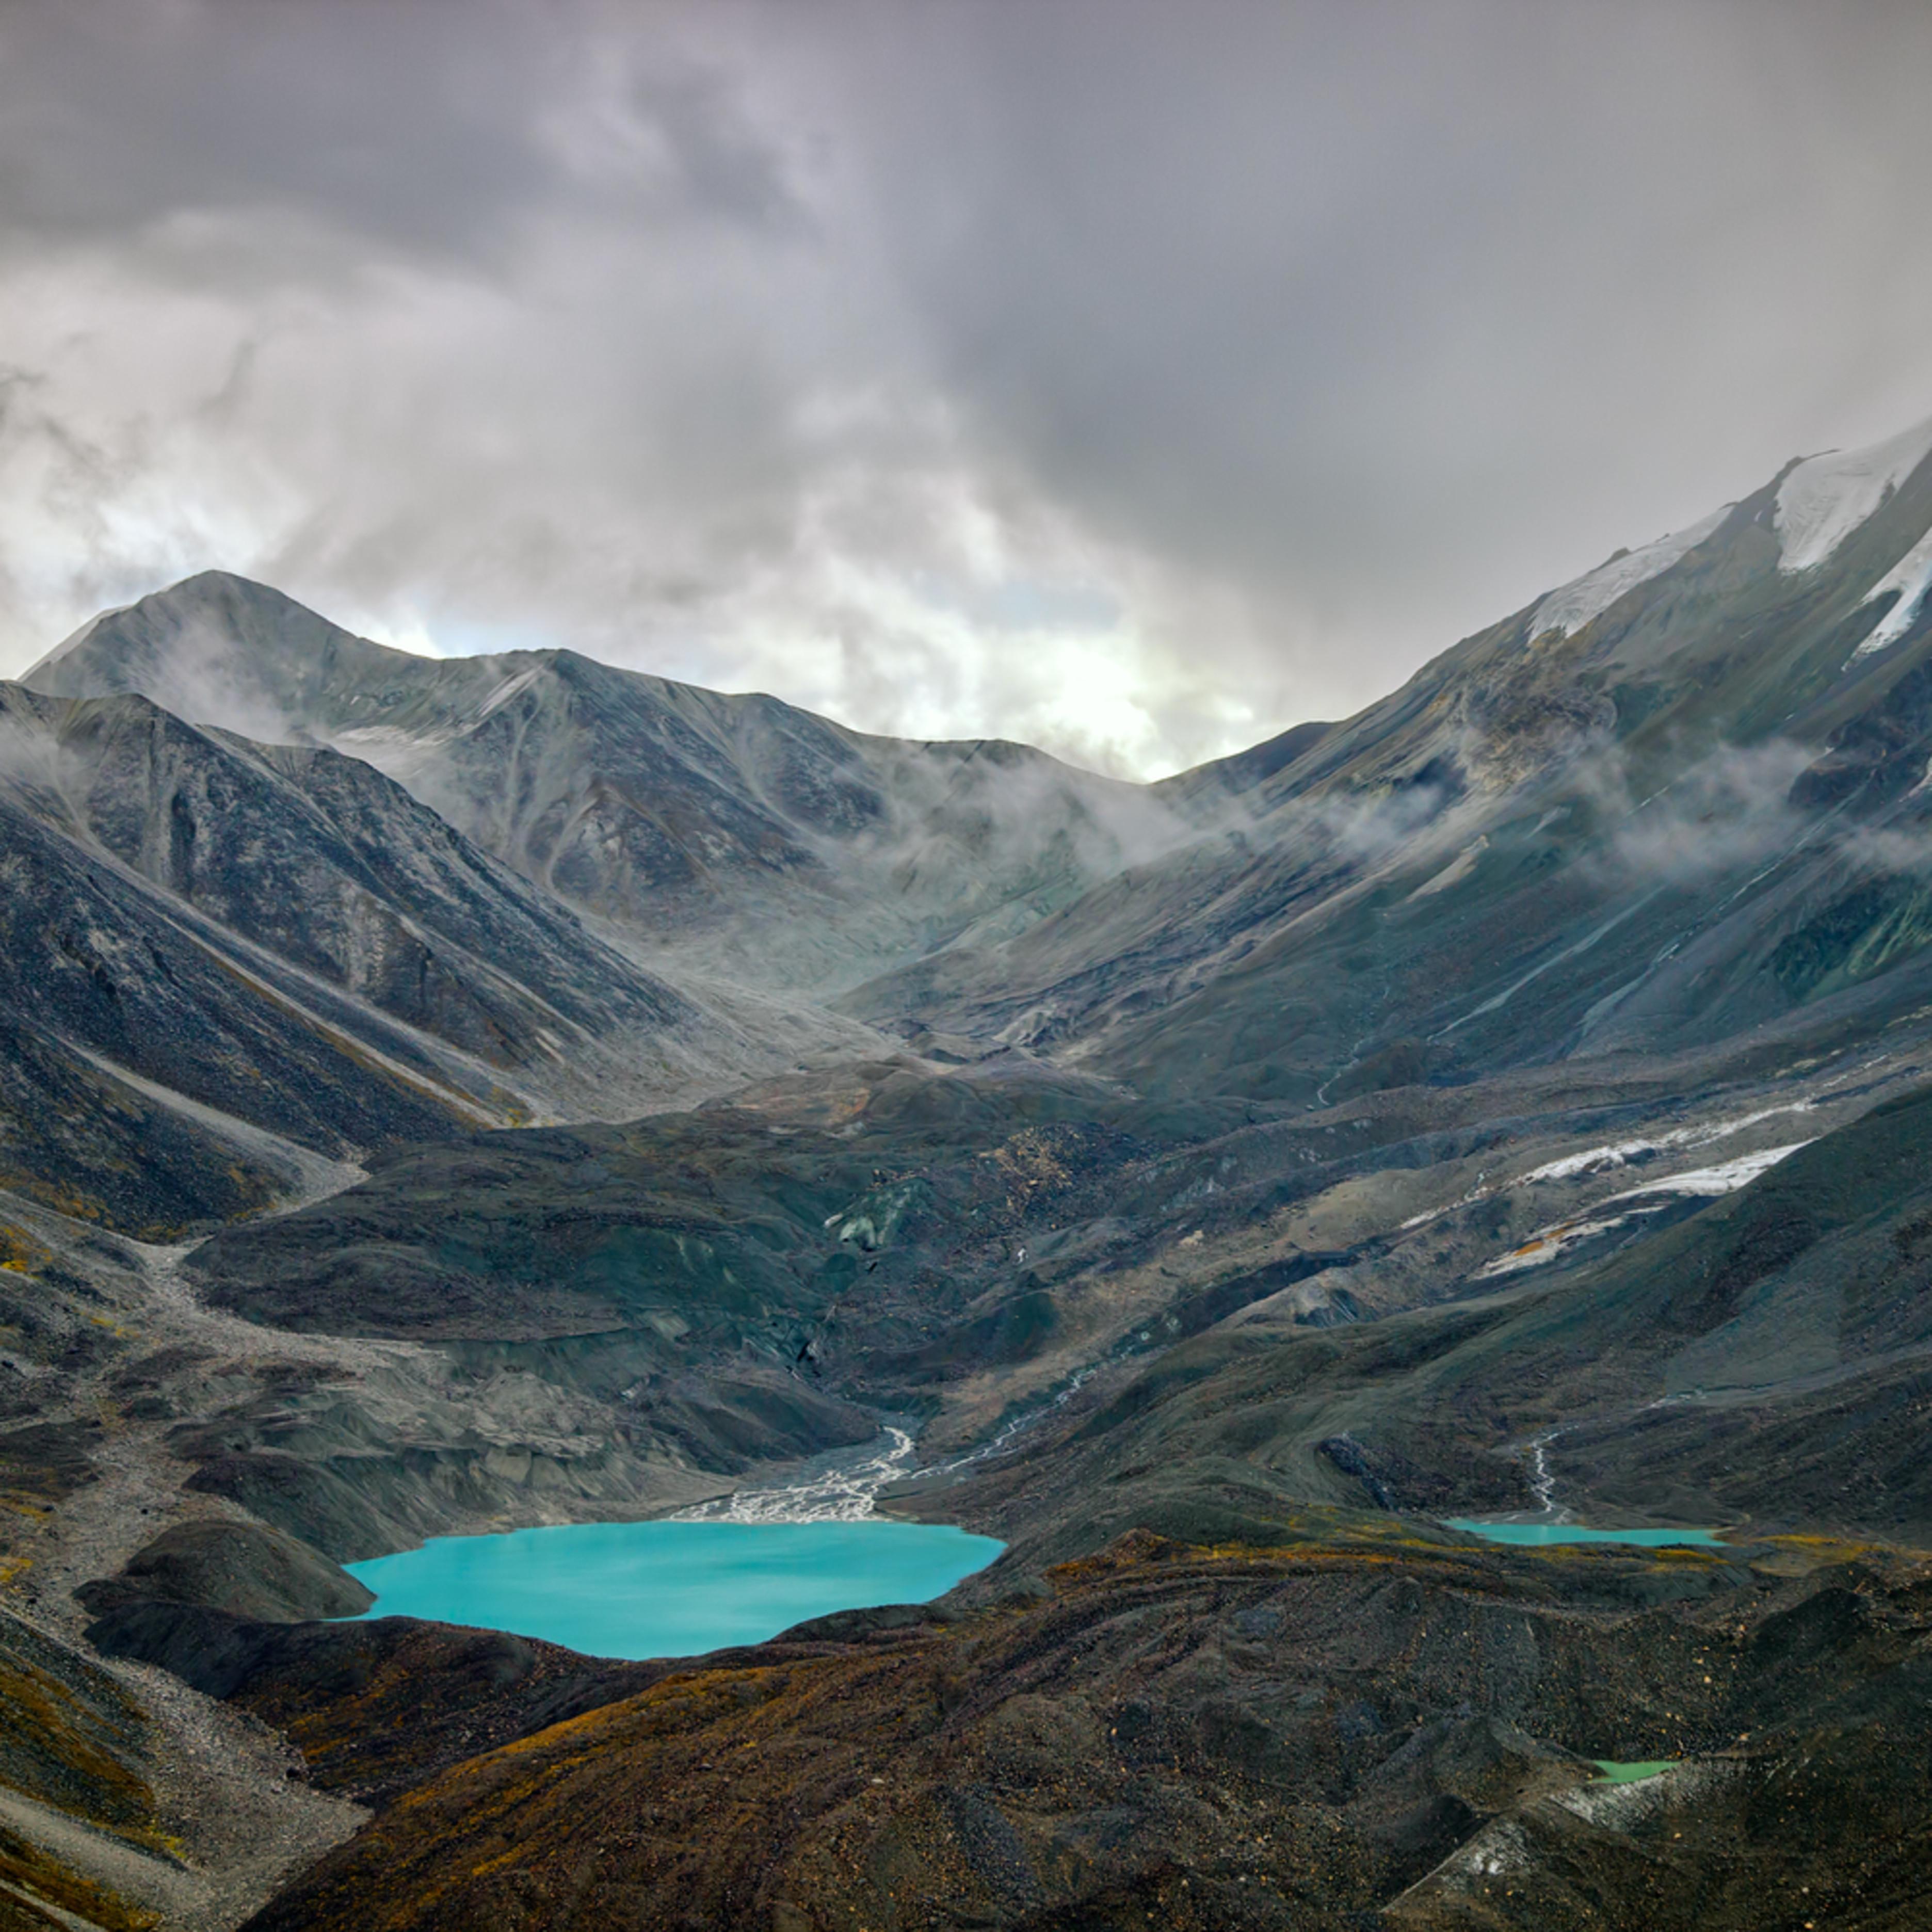 Alaska 08 17 10 1163 petxto